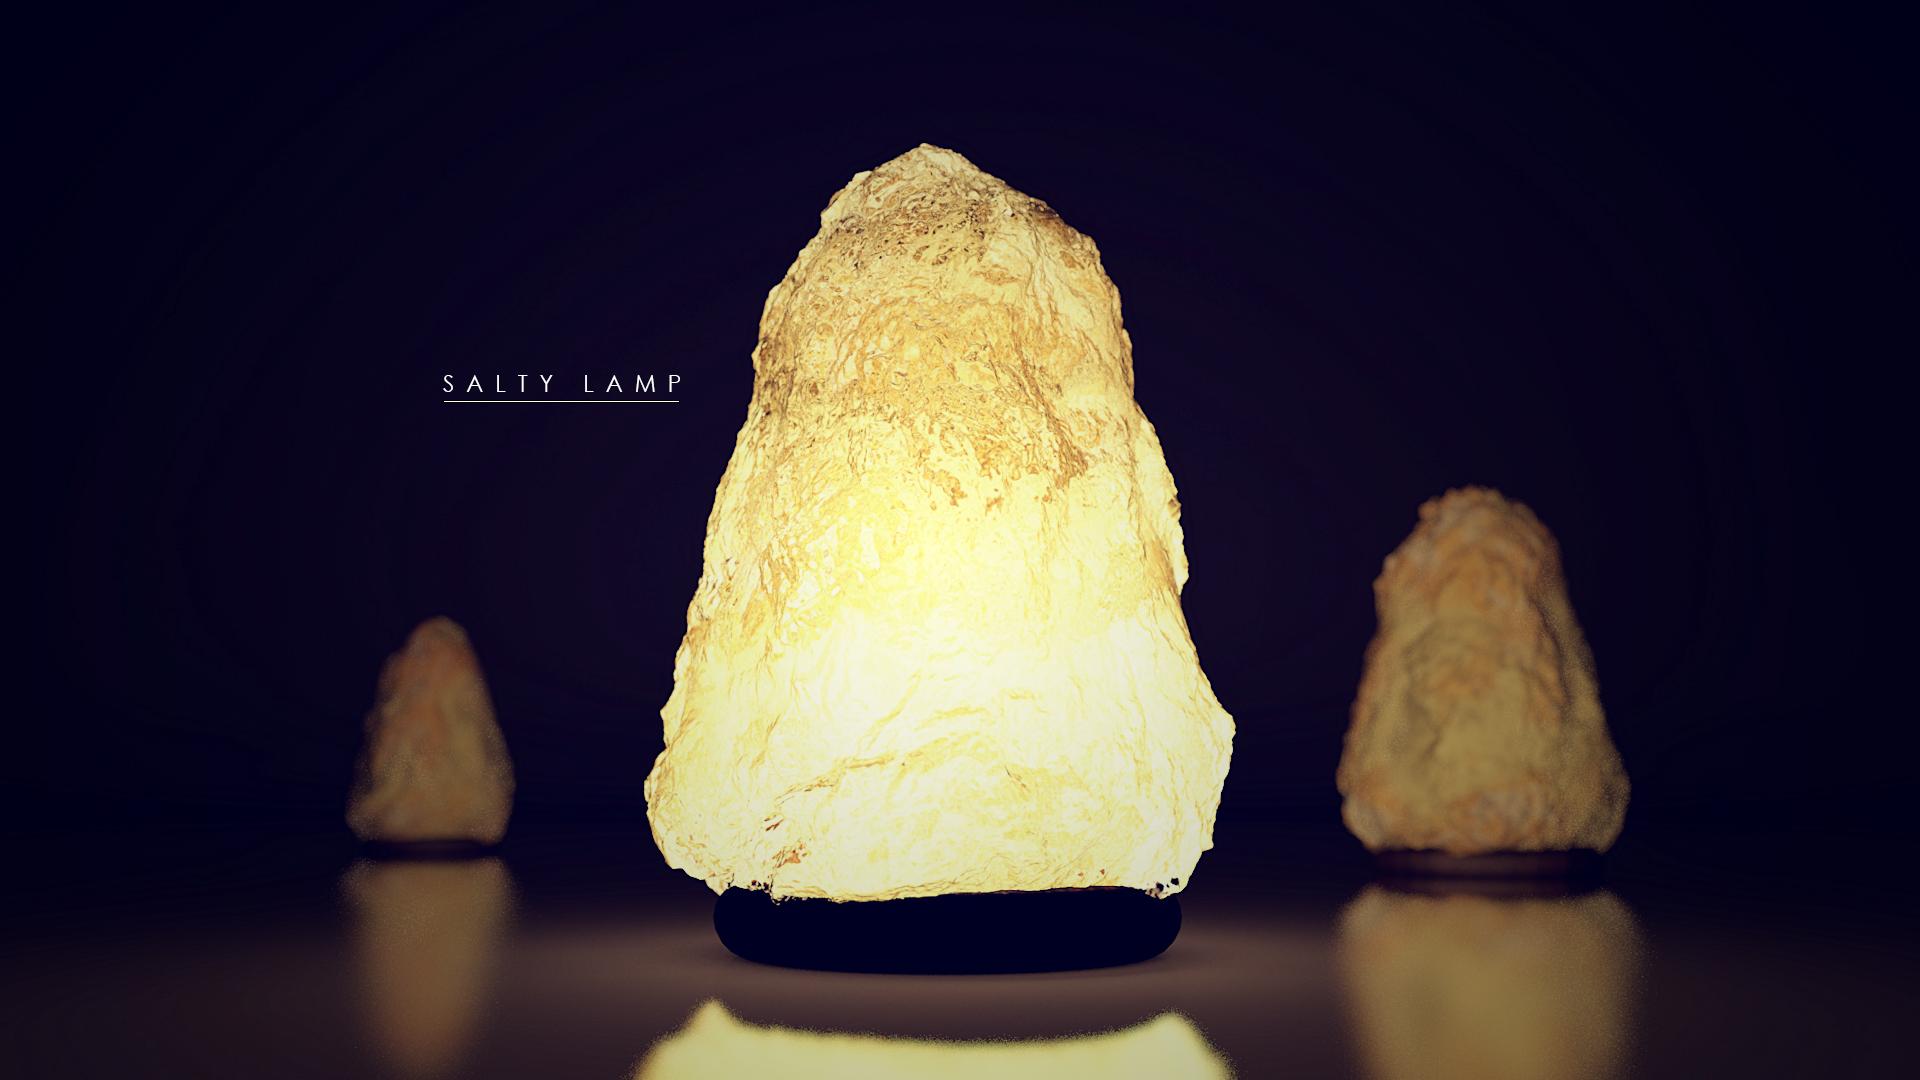 Salty Lamp // 10.02.15